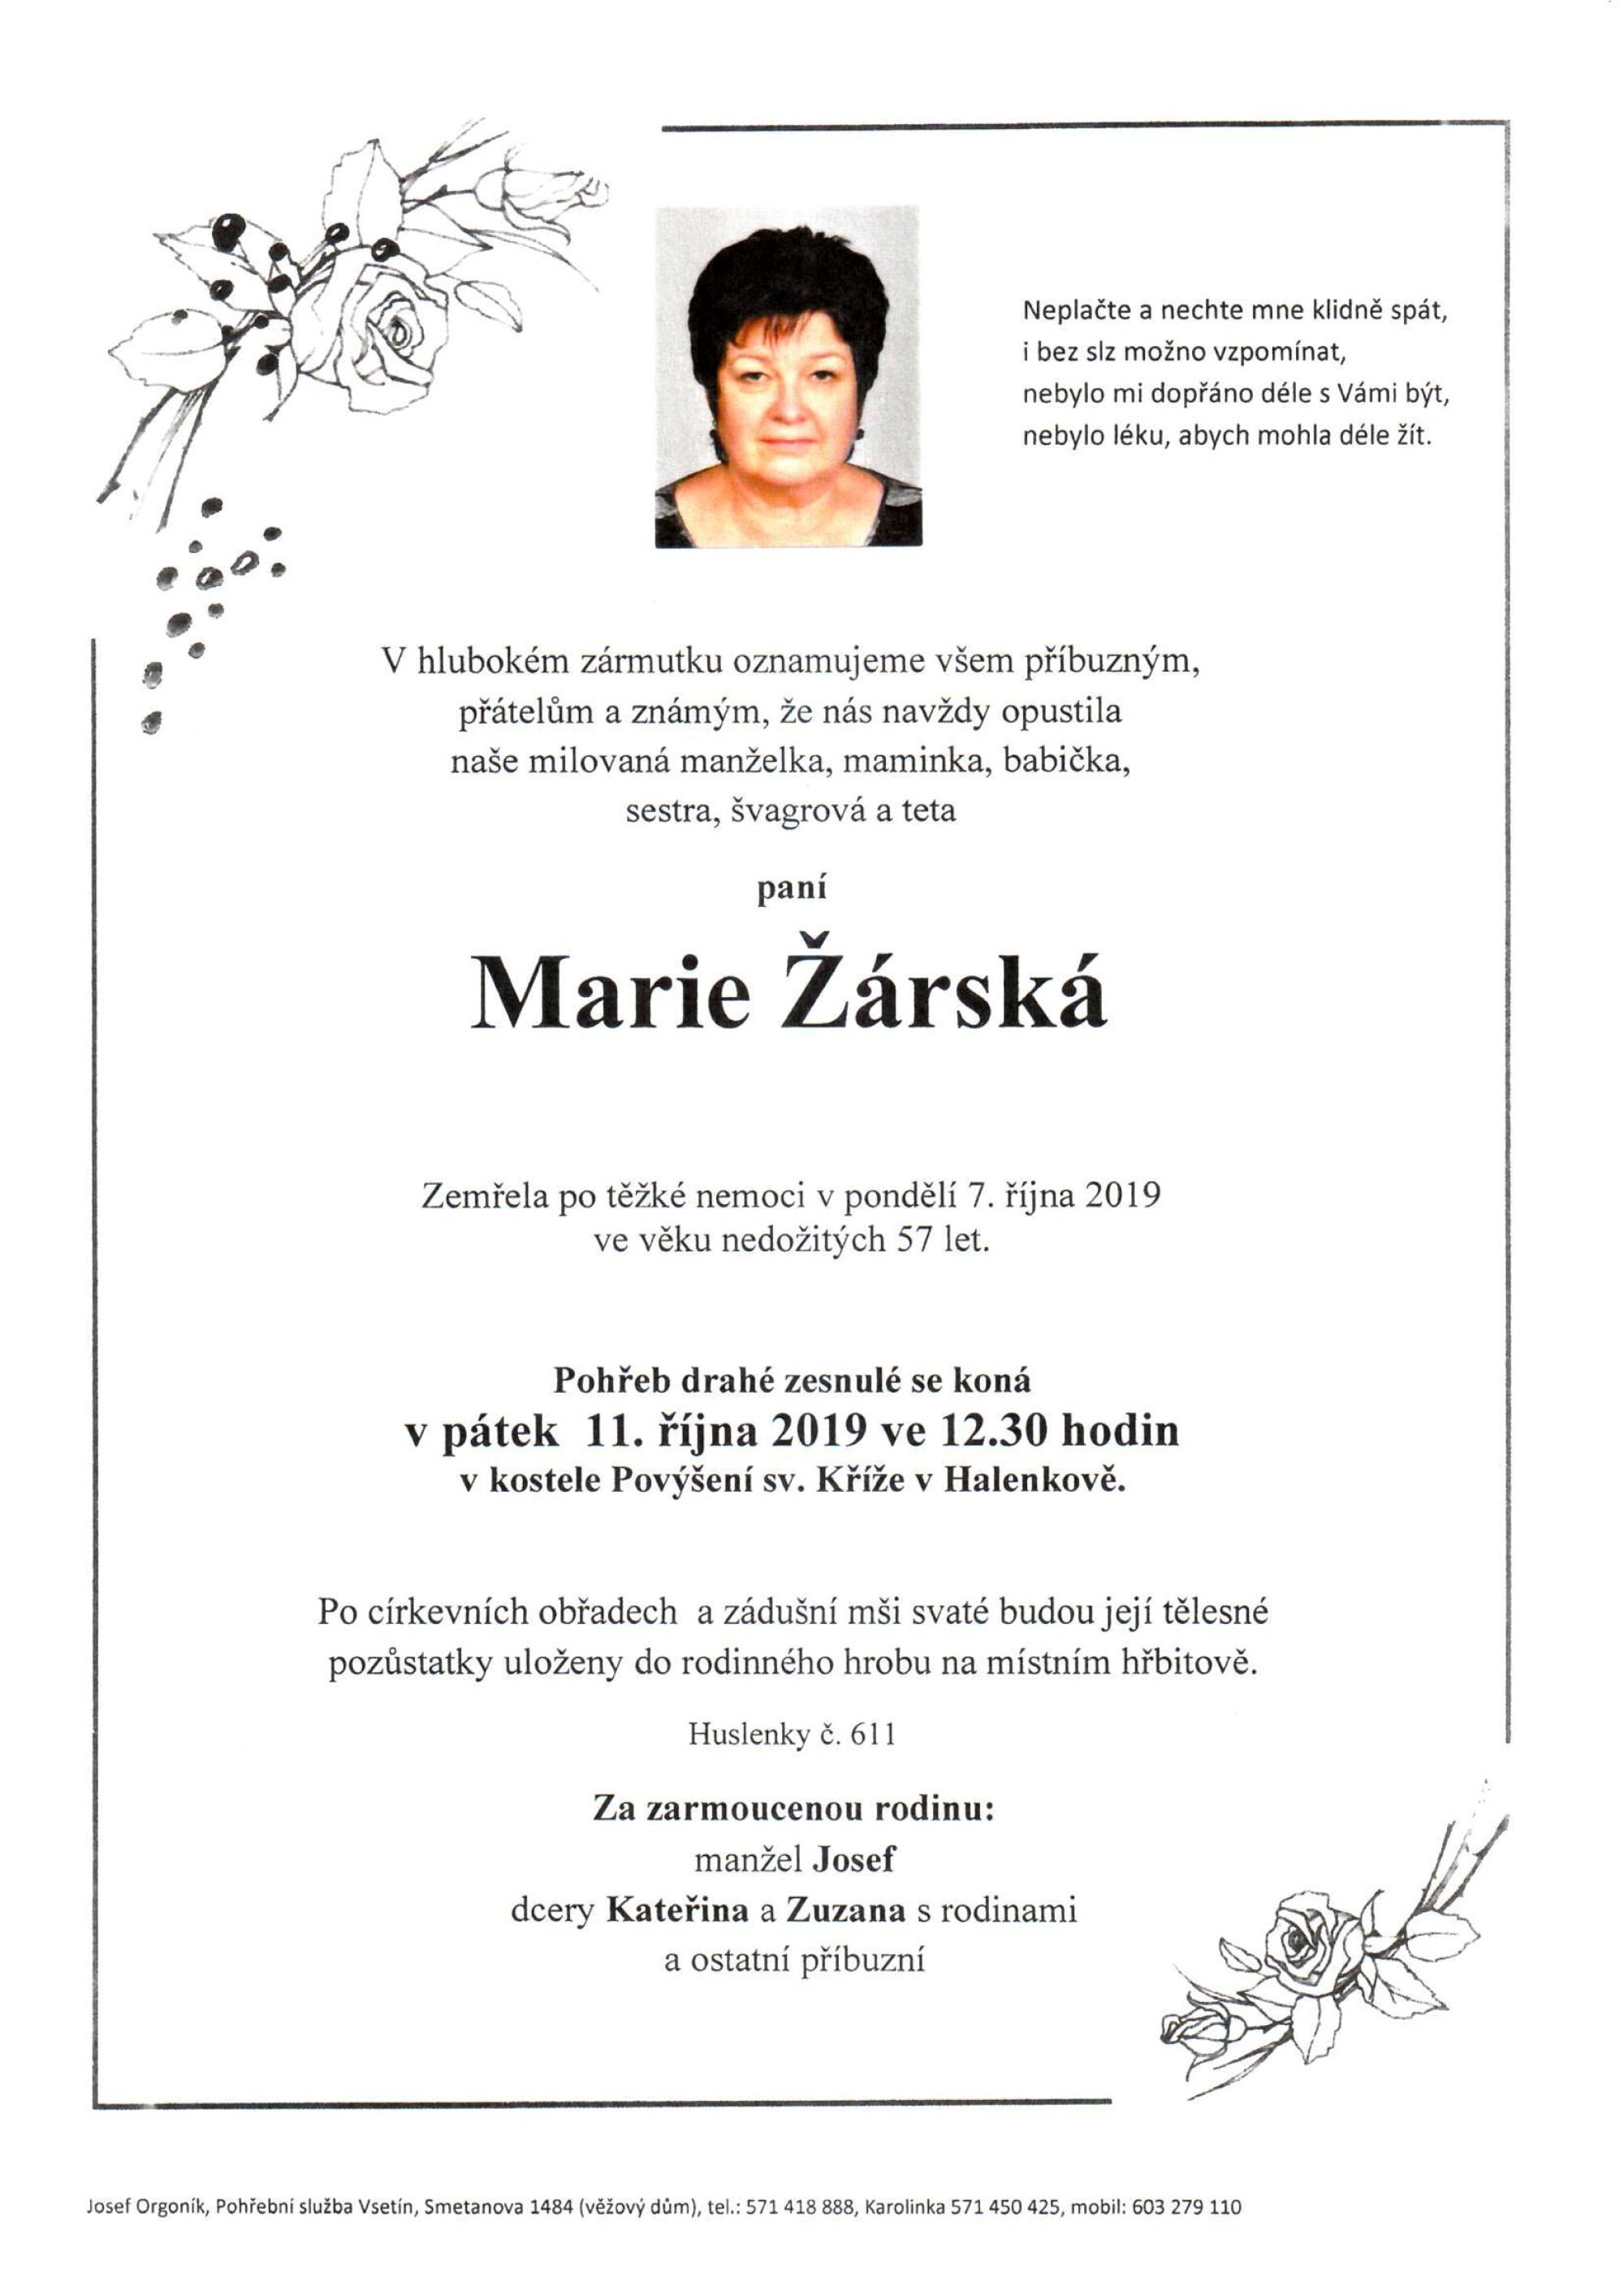 Marie Žárská